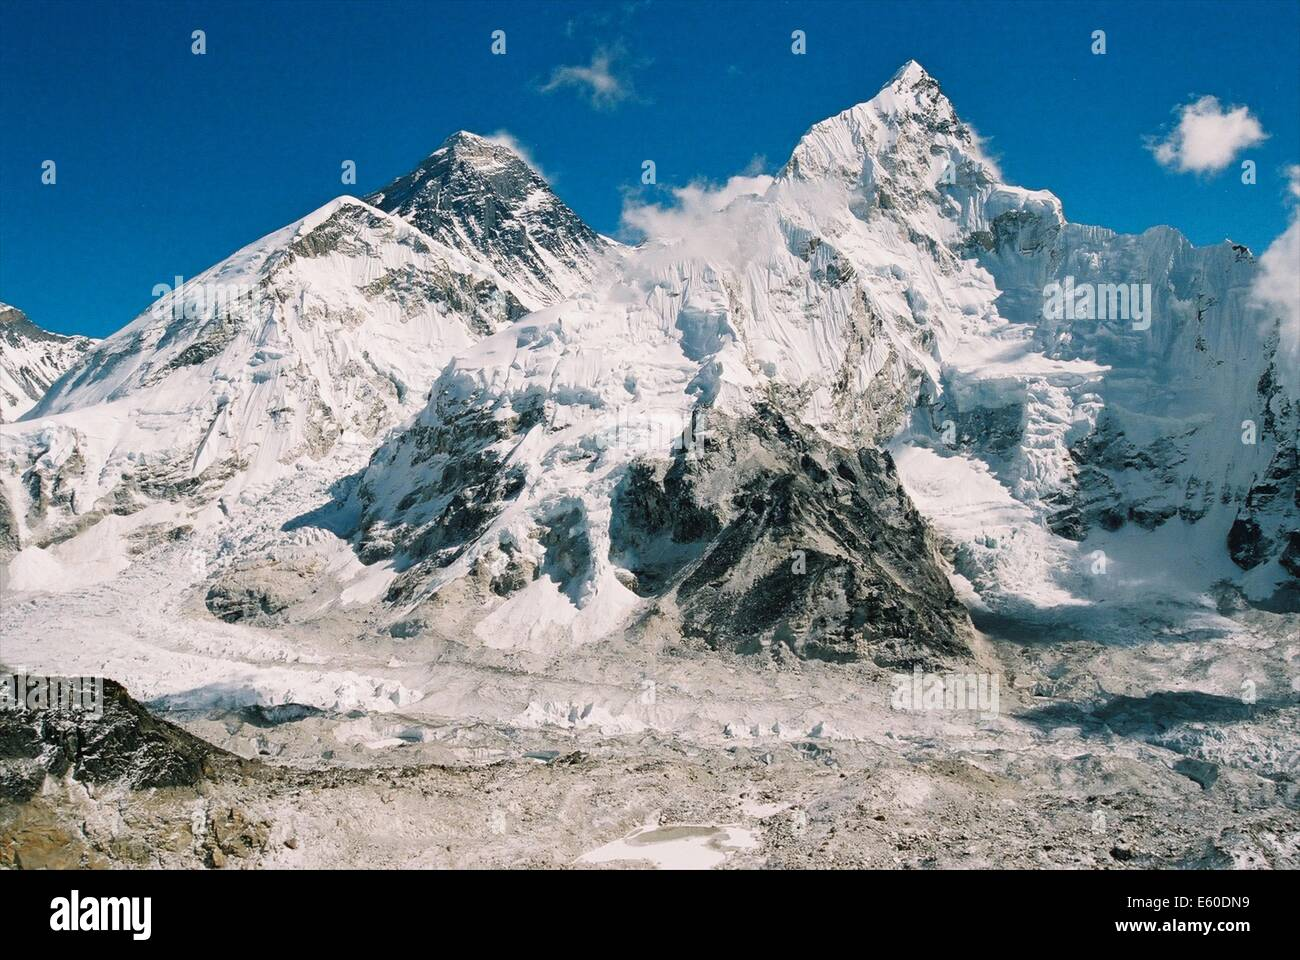 Mount Everest, der höchste Gipfel der Welten an 8885 Masl, wie aus dem Khumbu-Tal, nepalesischen Himalaya gesehen Stockbild